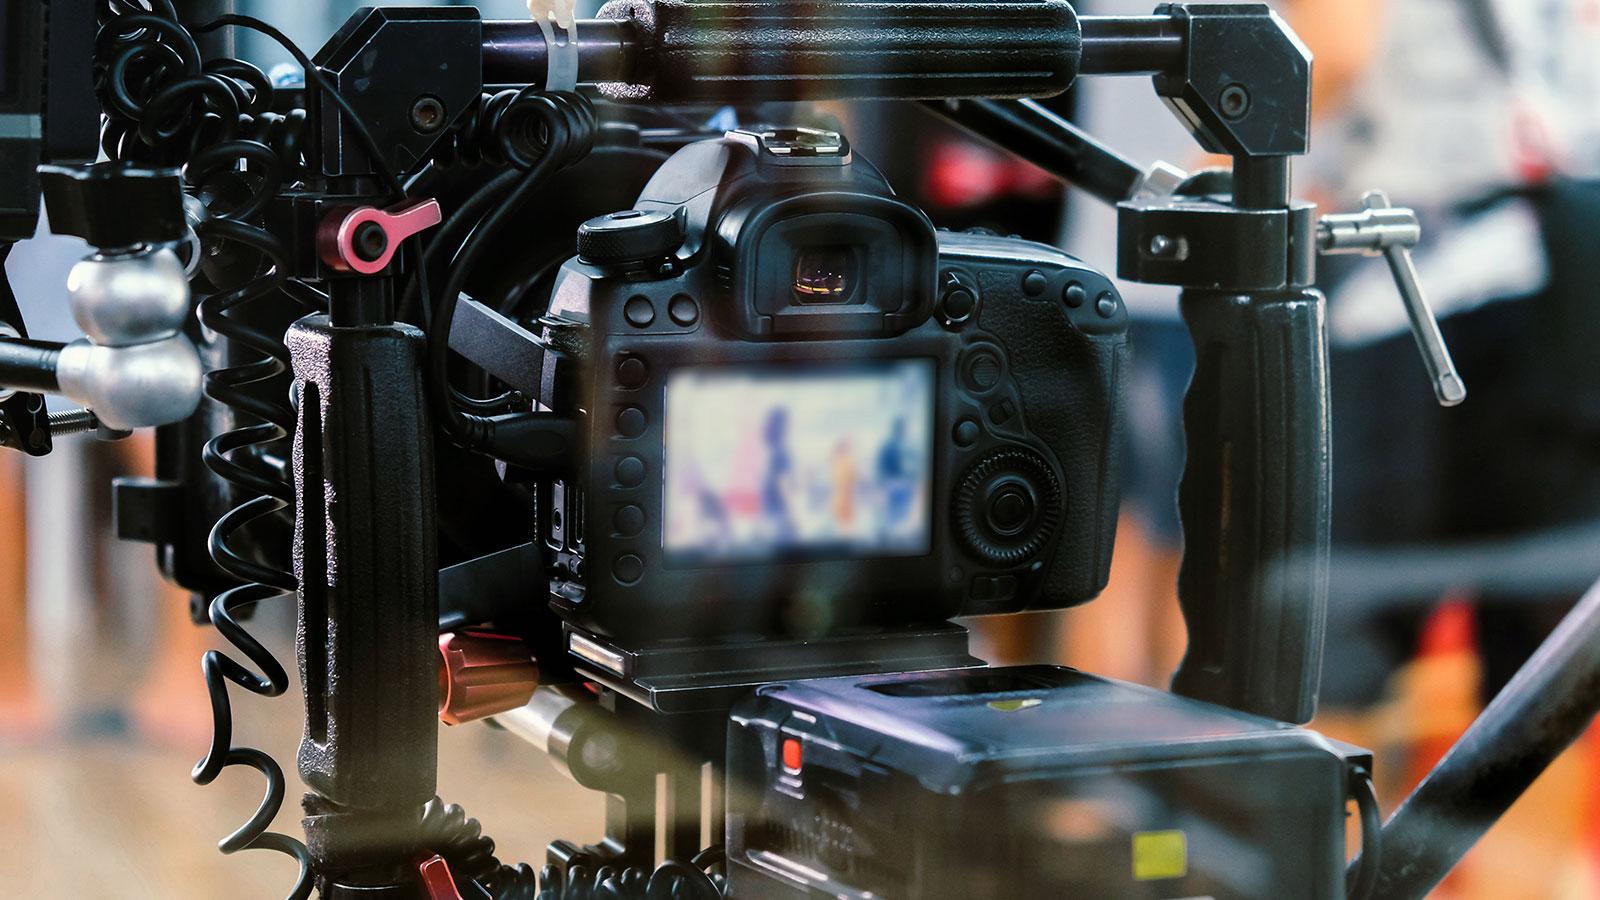 Acessibilidade em videos 5 - Acessibilidade em vídeos: otimize a estratégia e trabalhe a inclusão